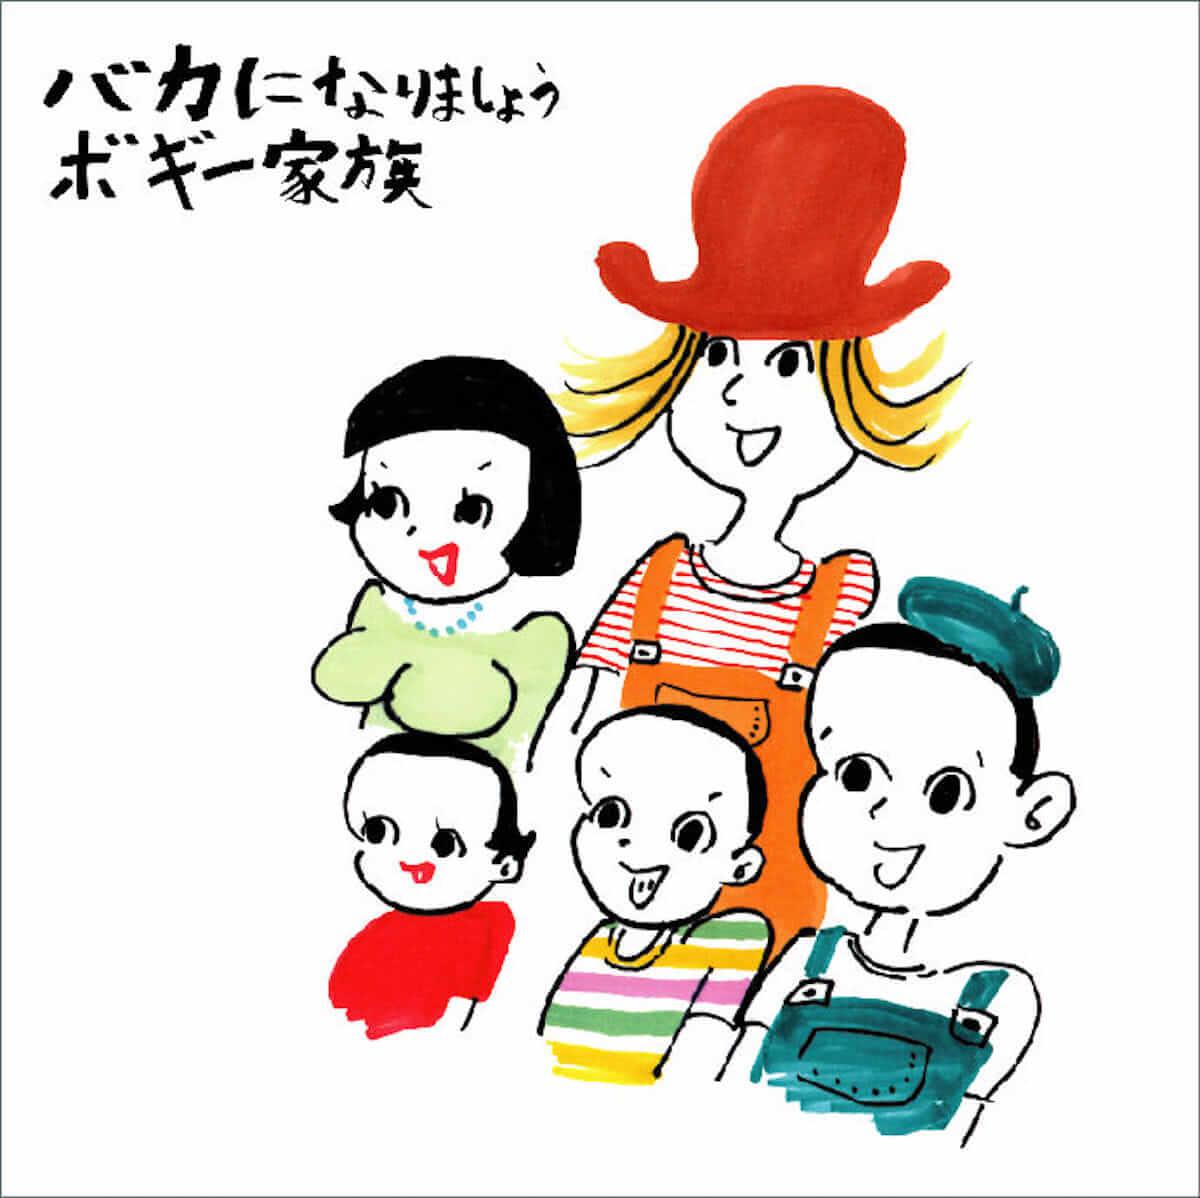 絵描きのモンドくんはじめグリコCM兄弟出演など話題の絶えないボギー家族が夏休み家族ツアーライブを東京青山で開催! bogggey-0808_3-1200x1198